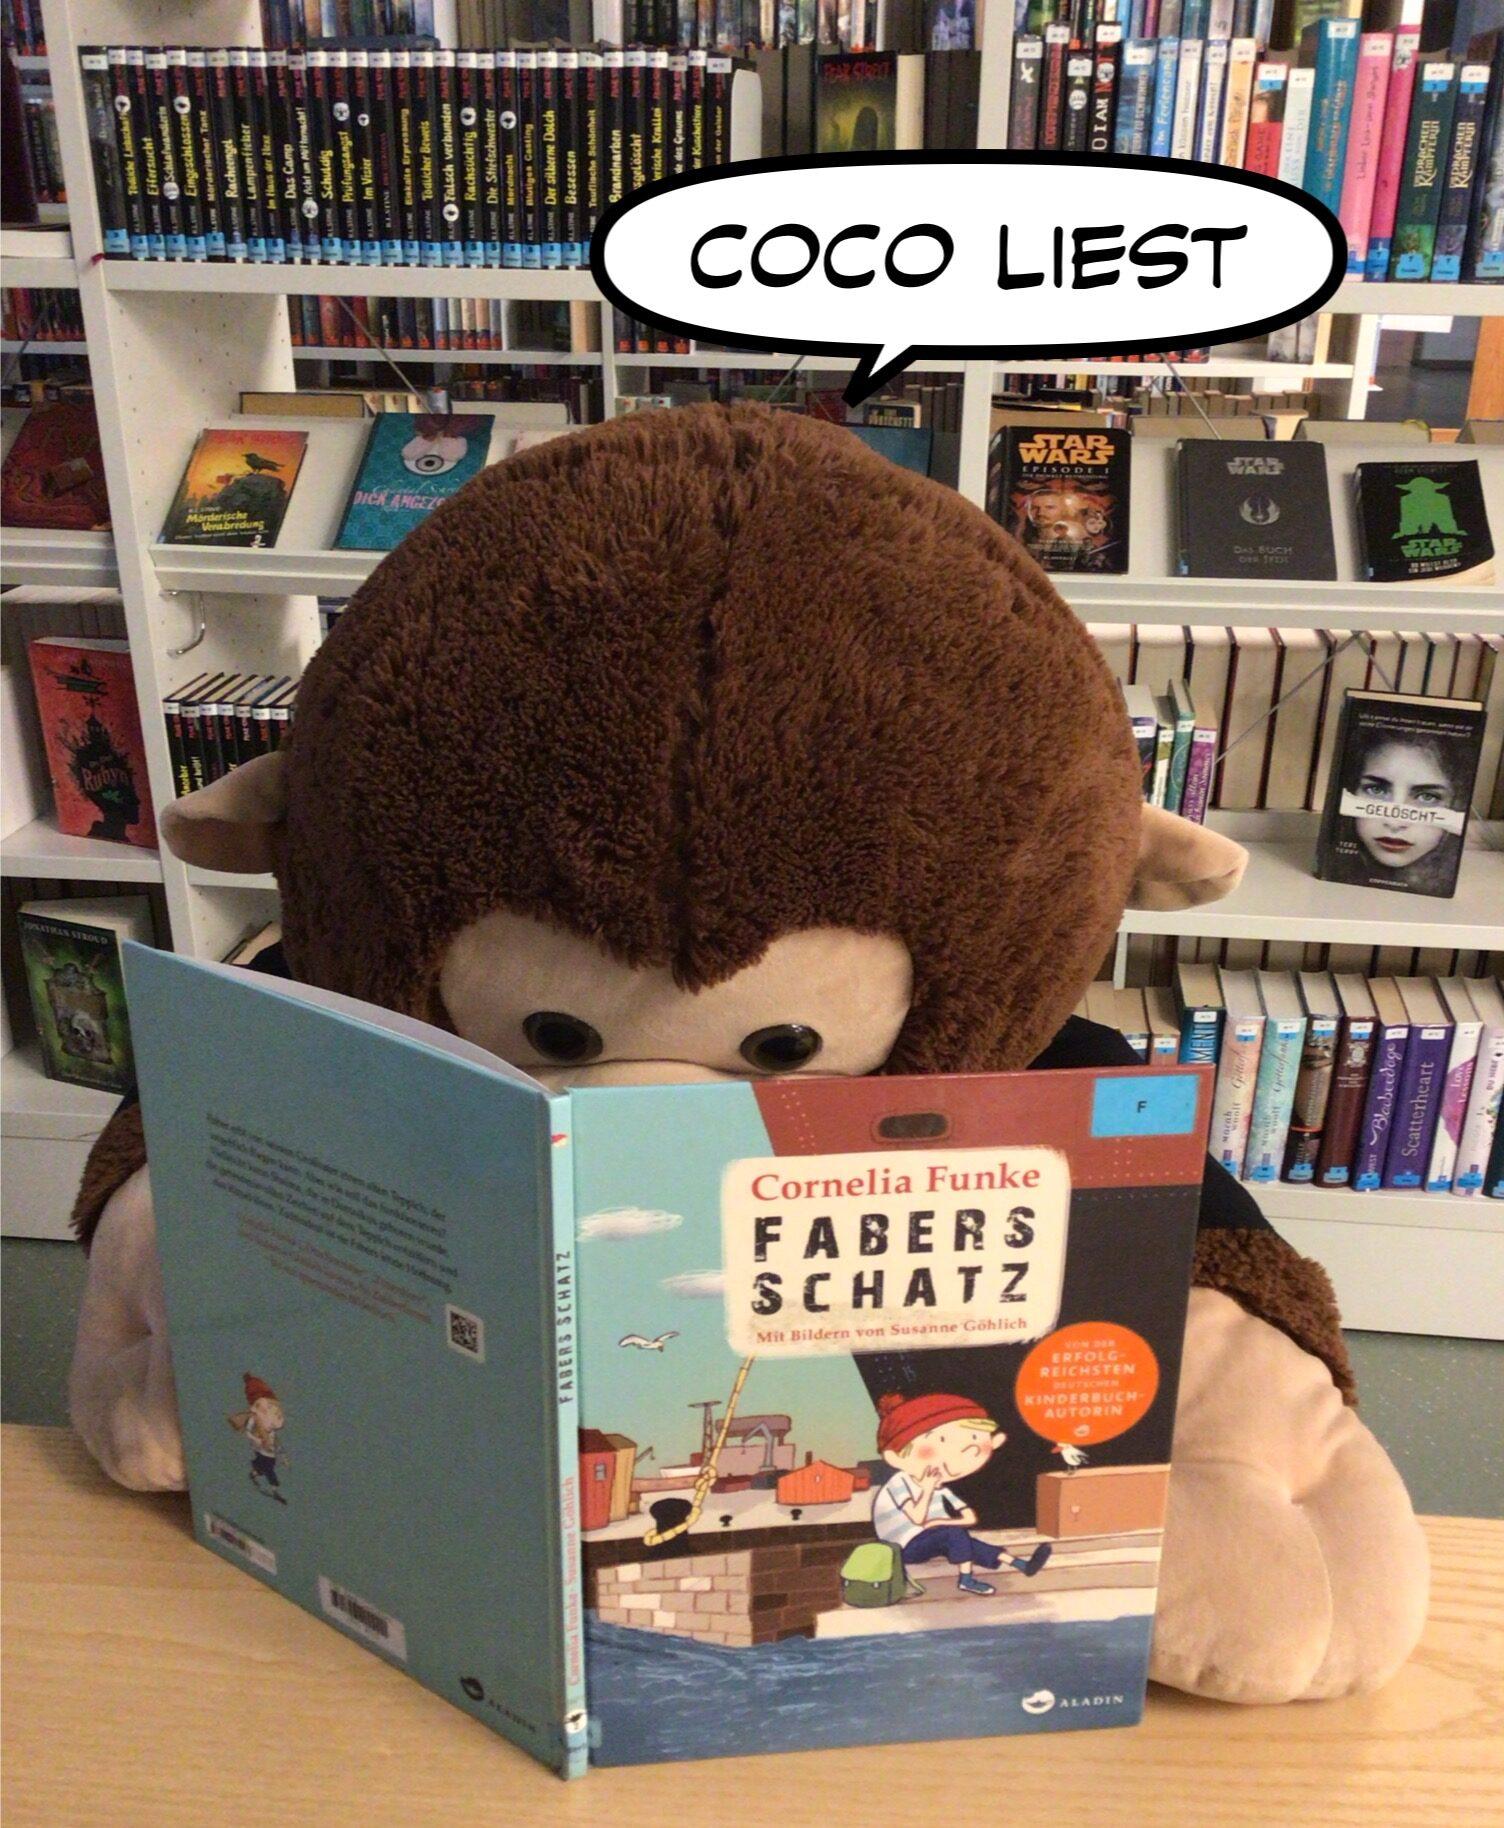 Coco liest ein Bilderbuch in der Mediathek